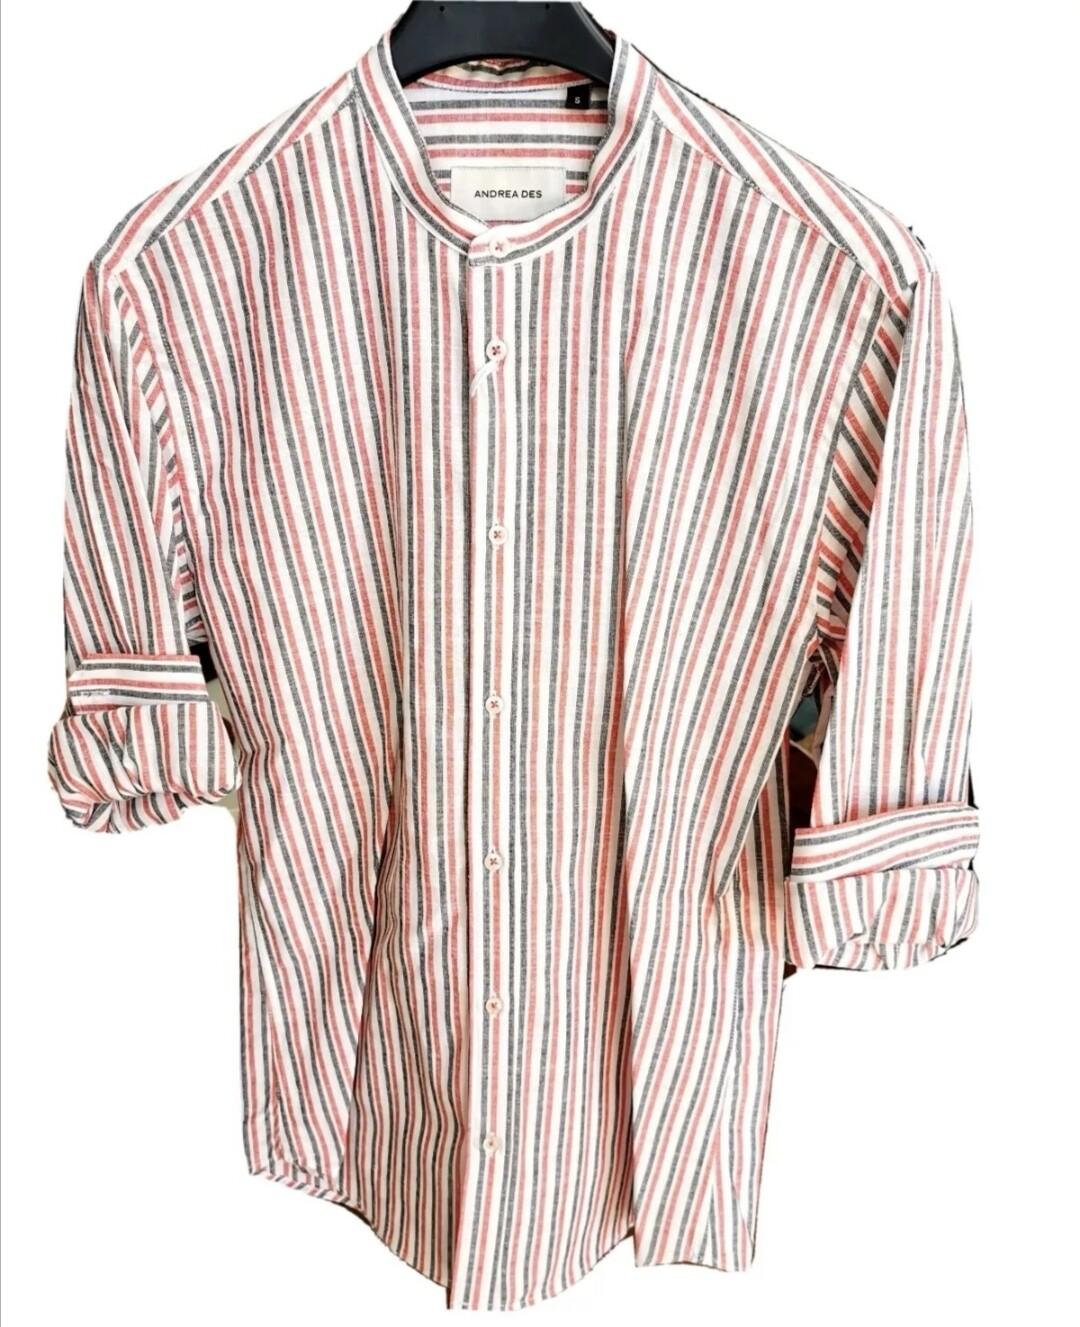 Korean linen shirt